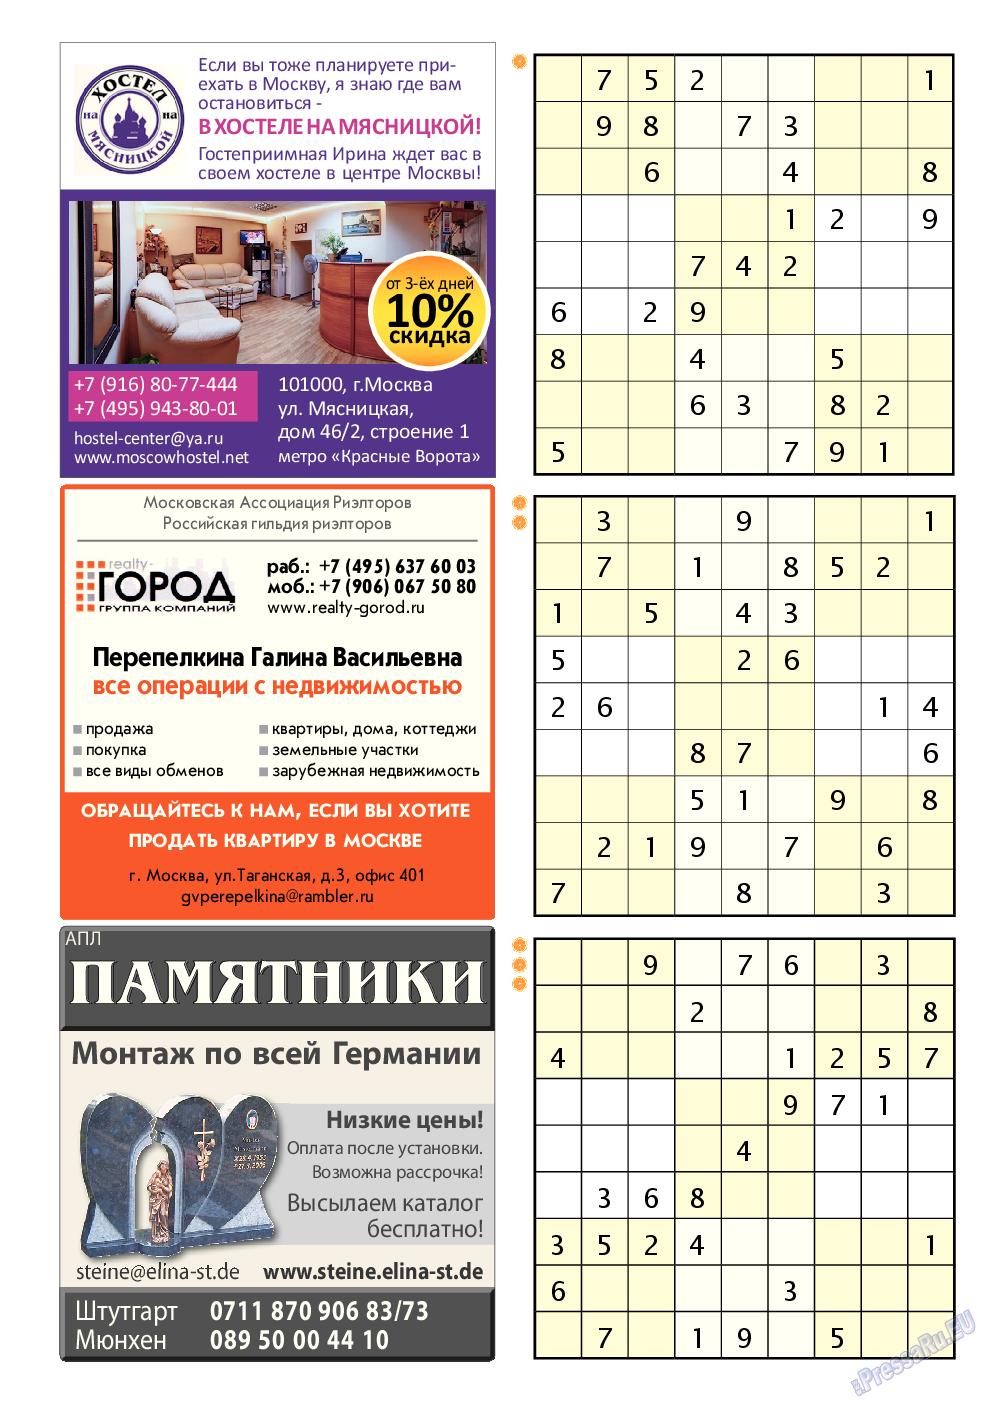 Апельсин (журнал). 2014 год, номер 65, стр. 56